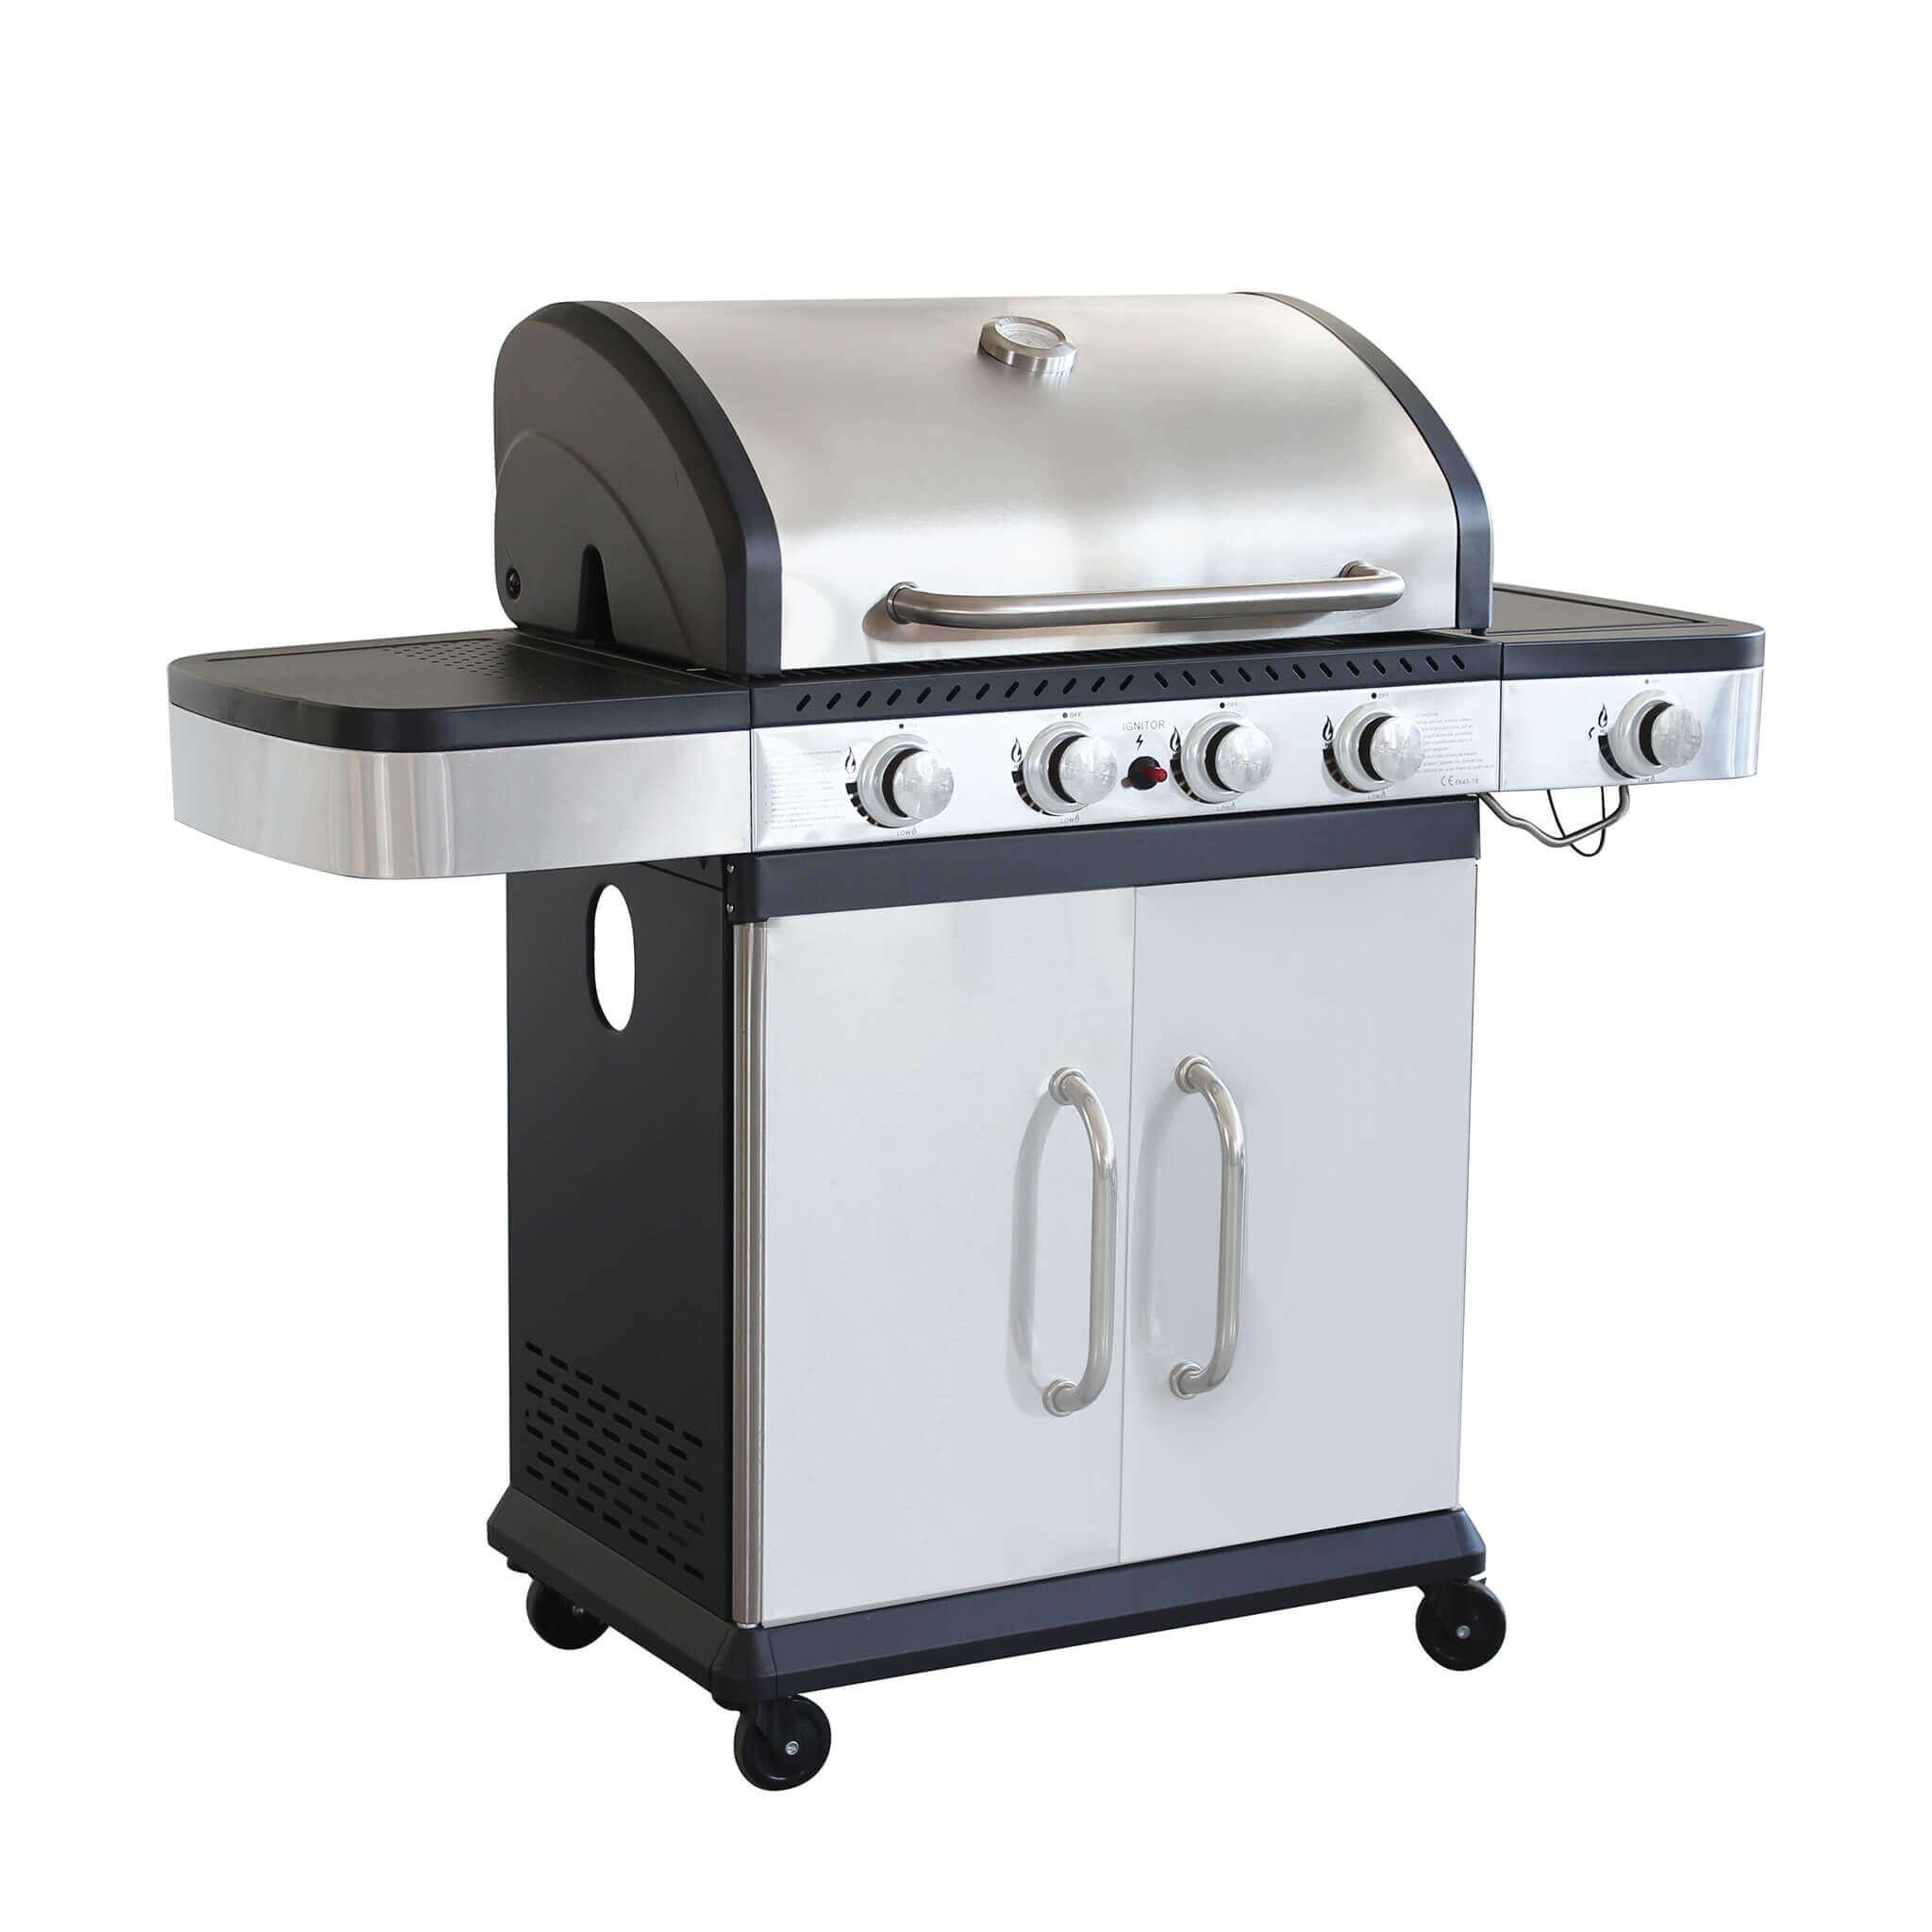 Milani Home PIROS - Barbecue a gas in acciaio inox 4 fuochi + 1 fuoco laterale